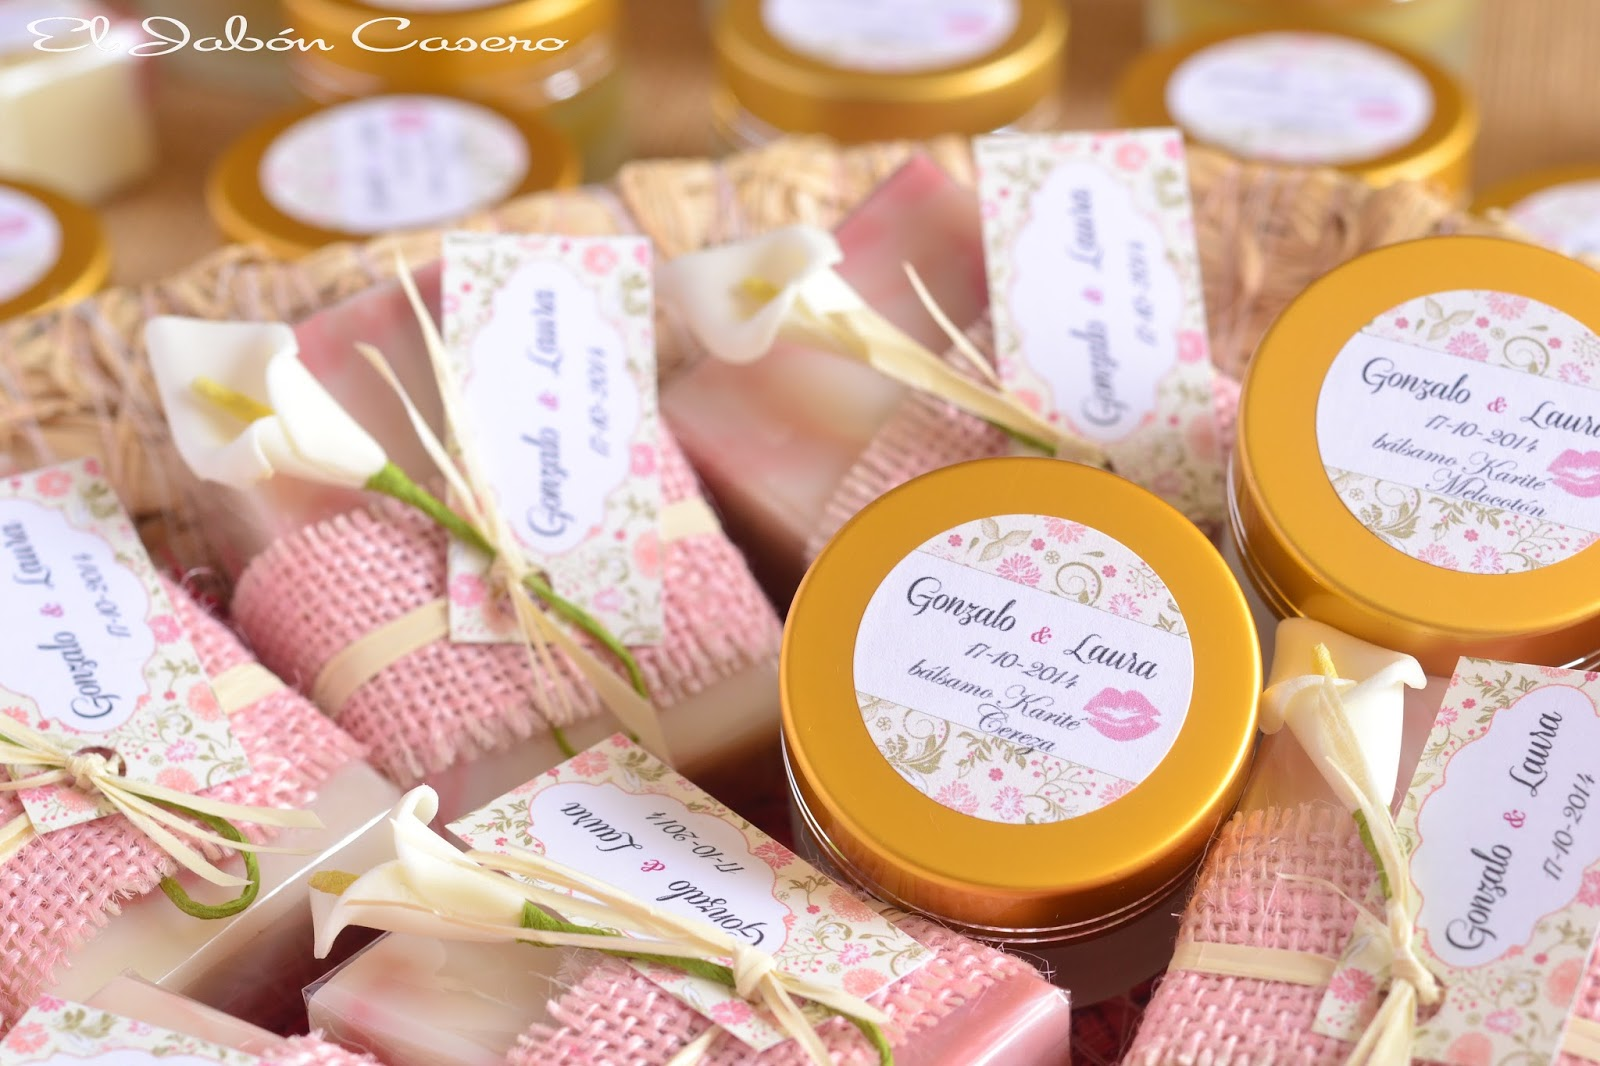 regalos naturales para bodas balsamos